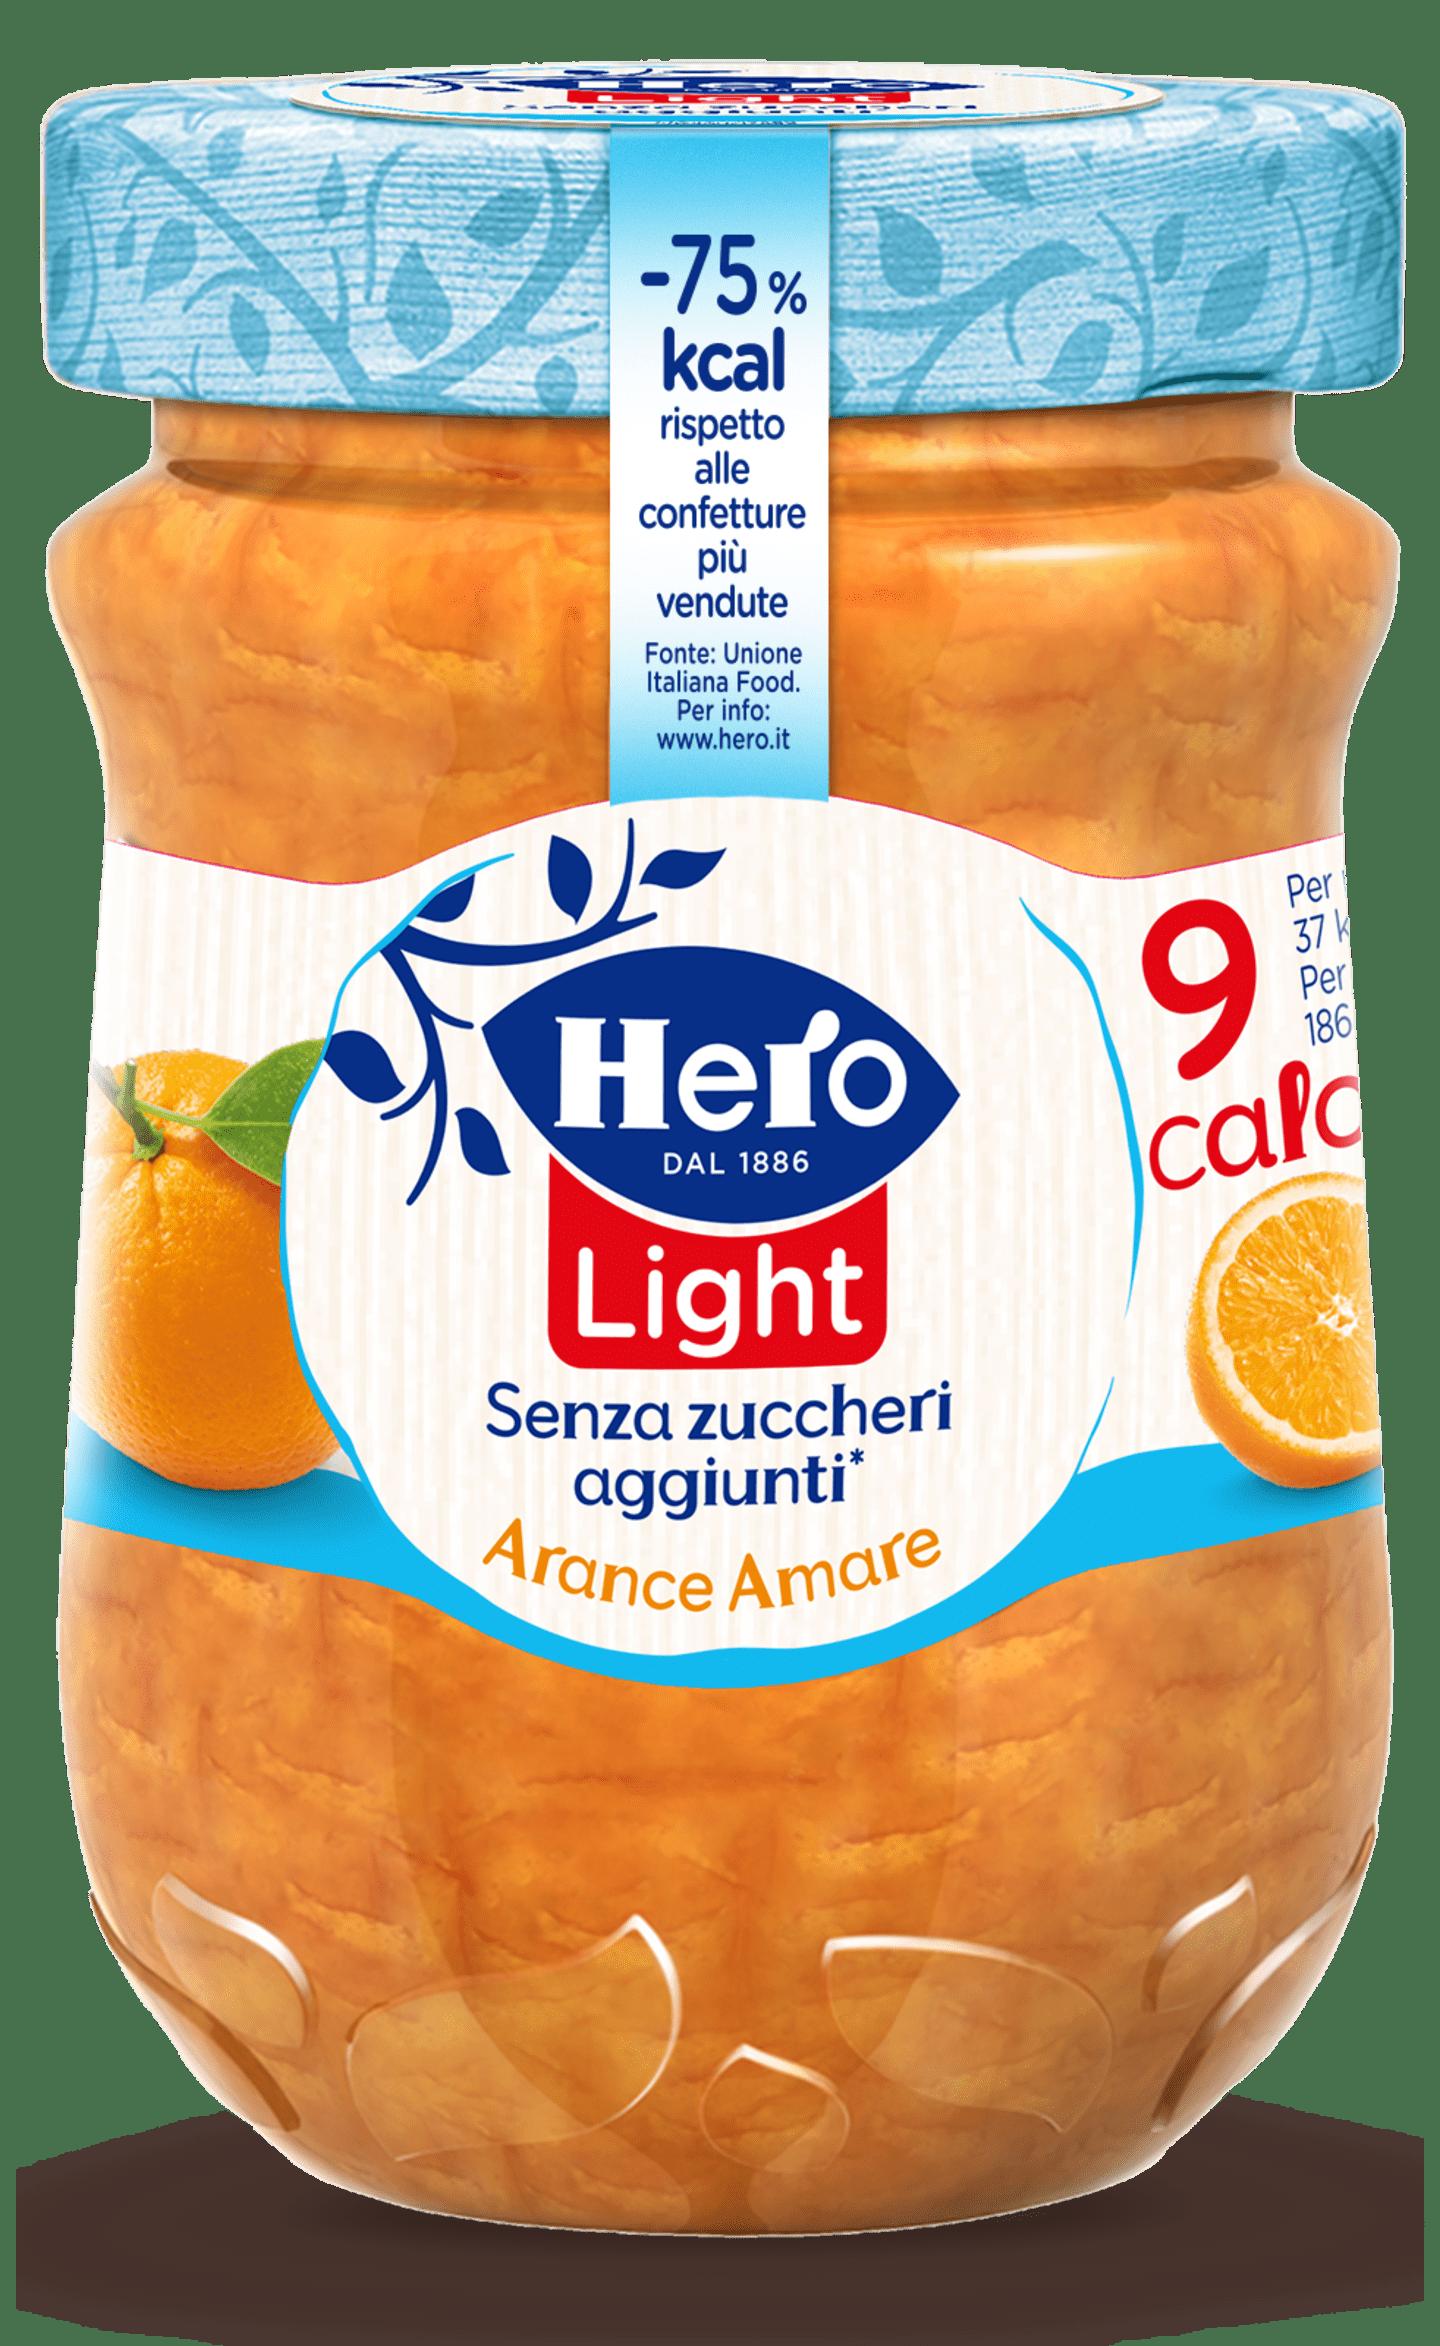 Marmellata di arance amare hero light